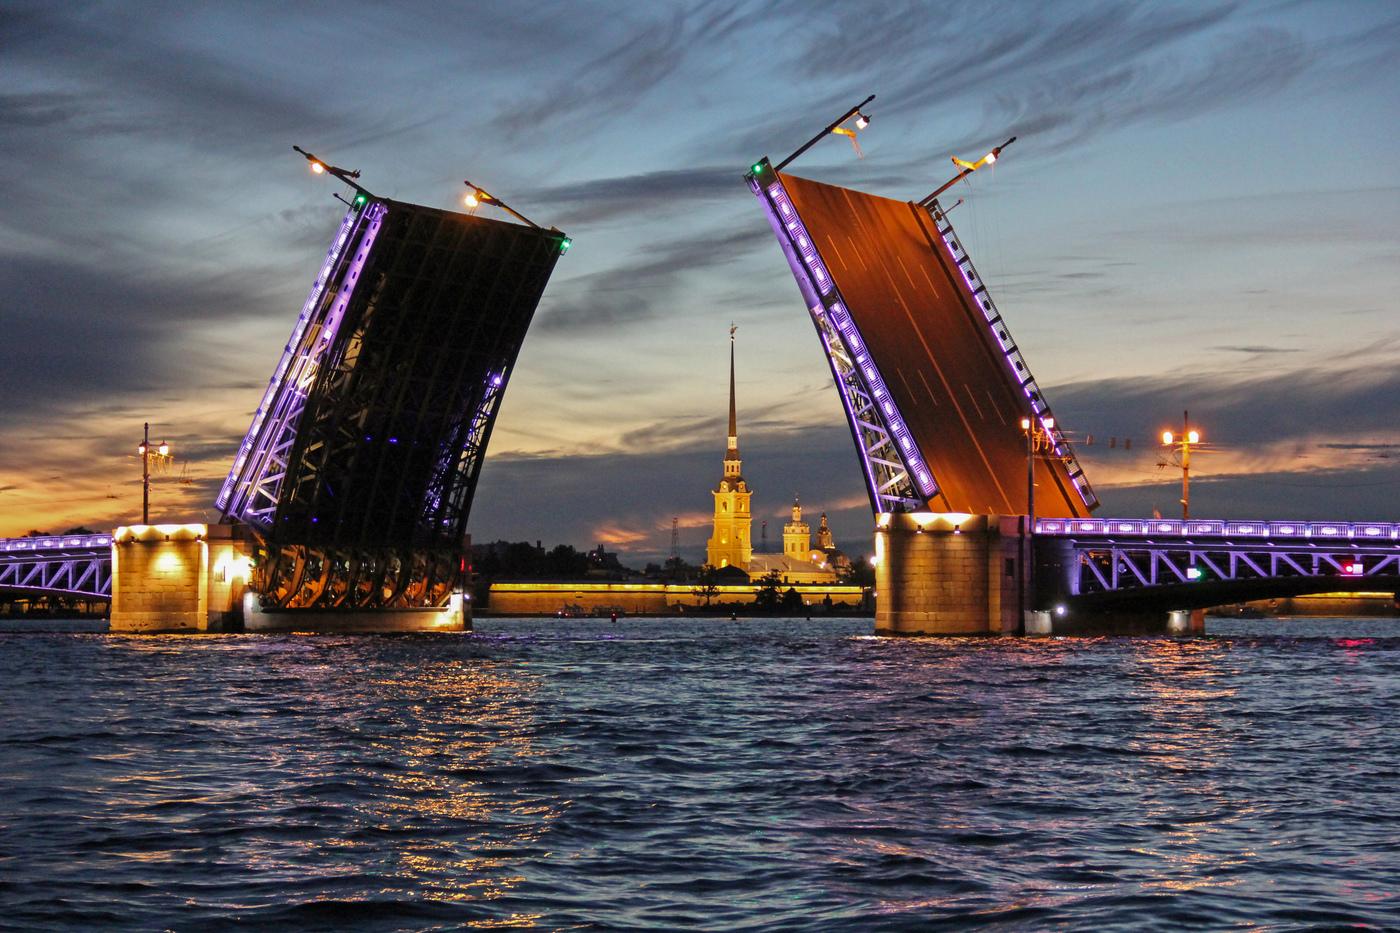 санкт-петербург мосты картинки и фото описание как выращивать